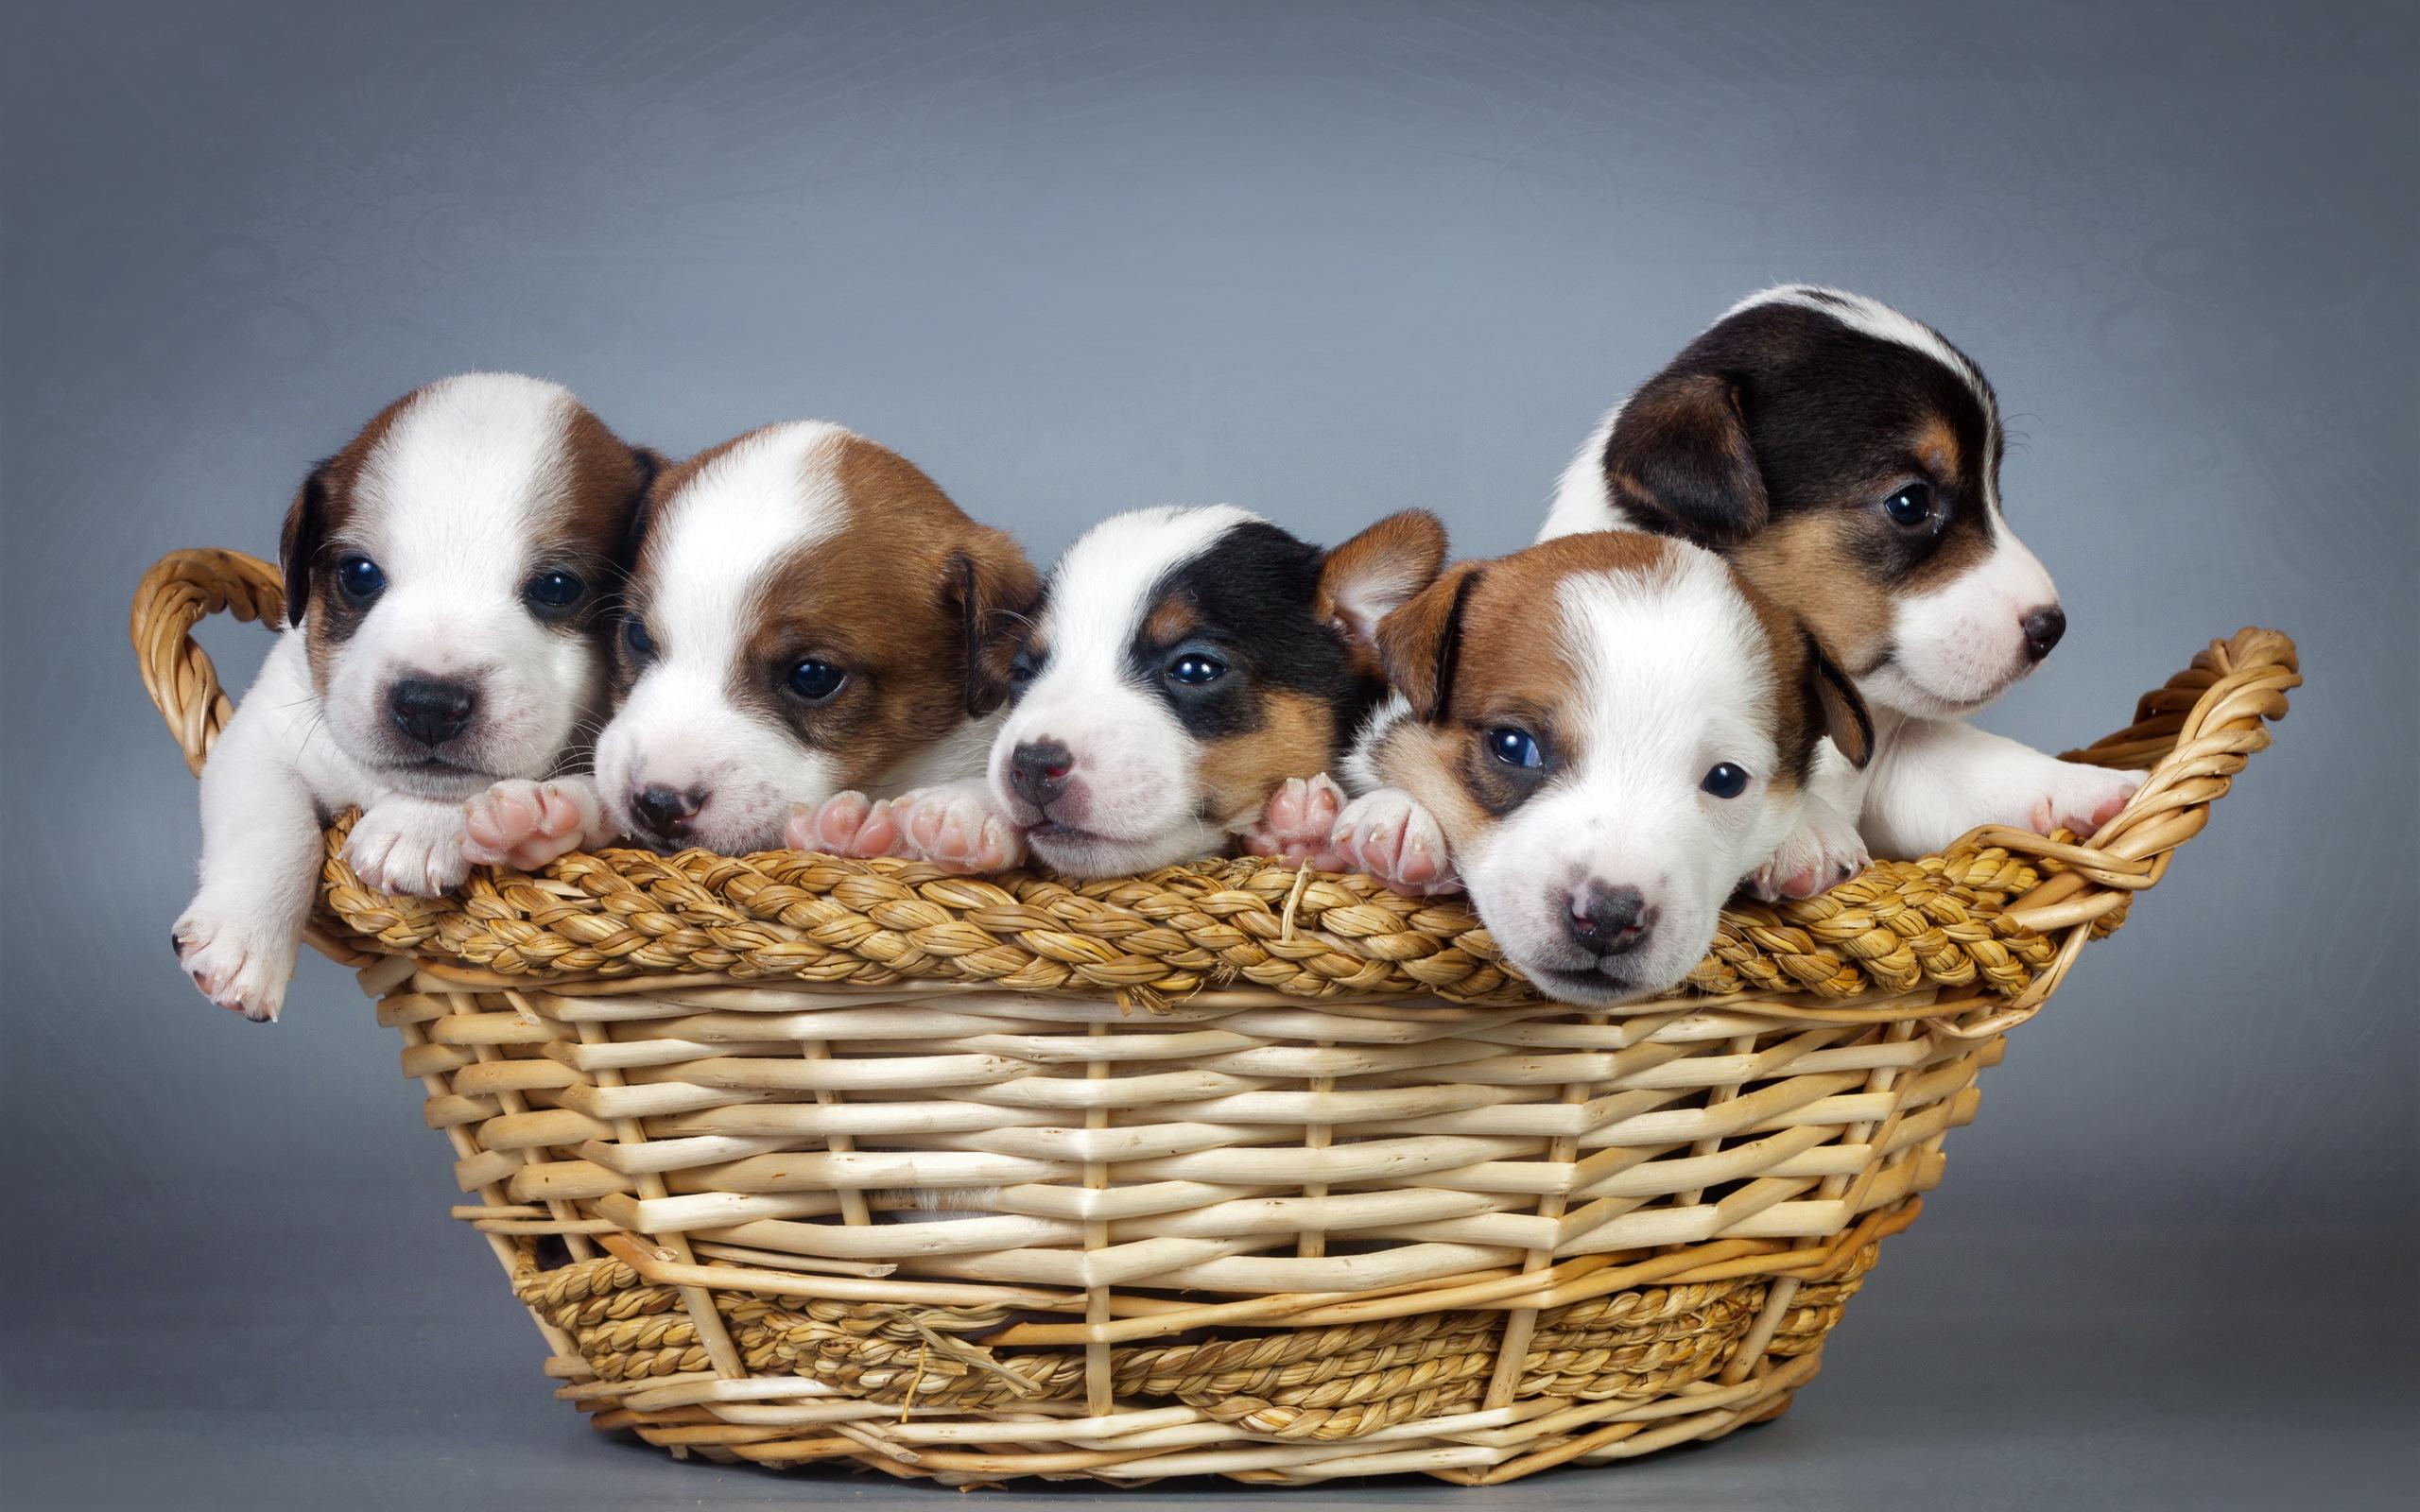 щенок корзина puppy basket бесплатно